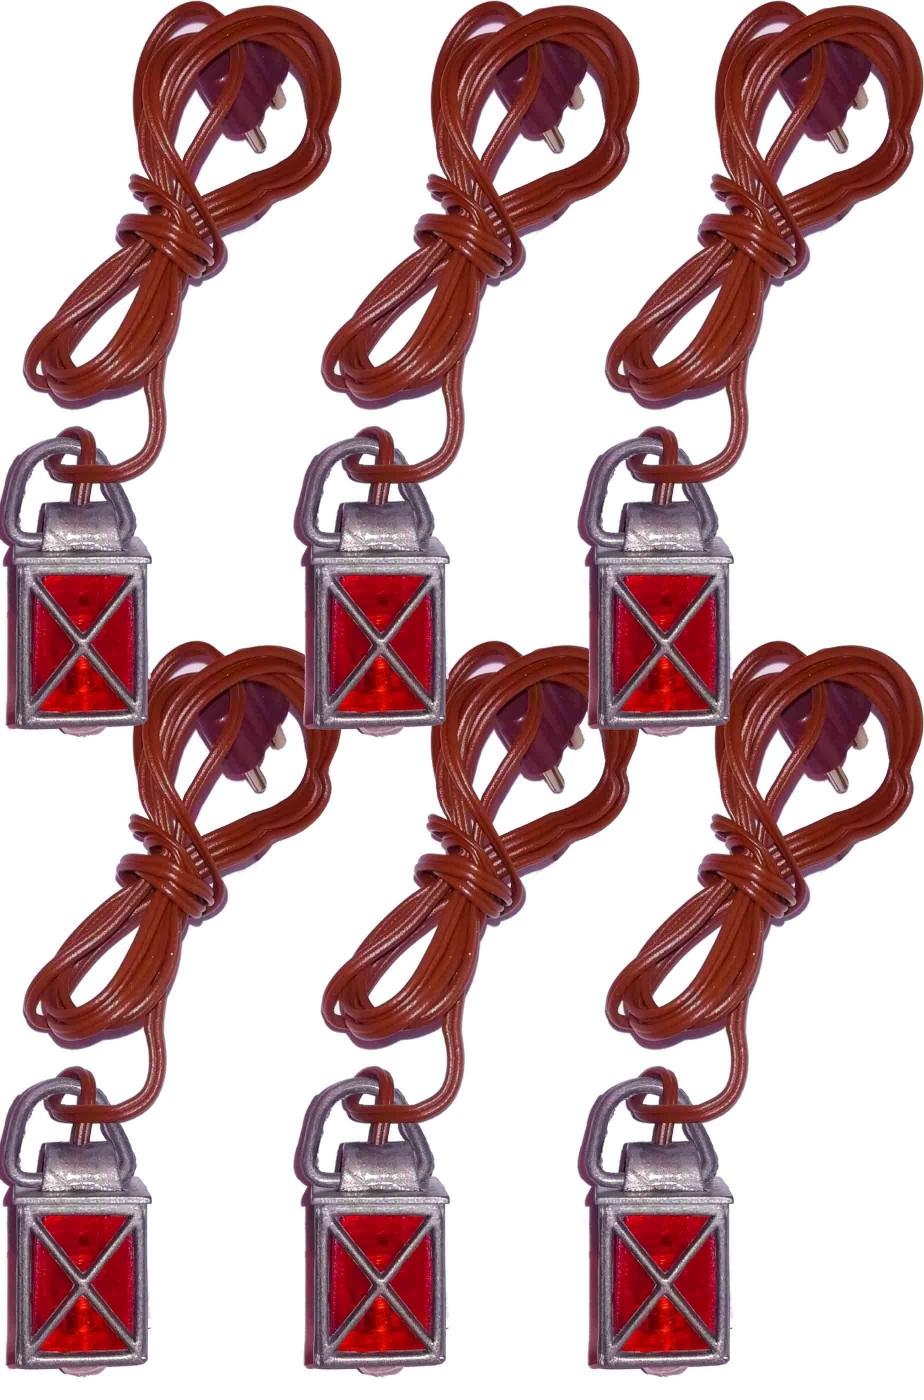 Pacchetto di sei lanterne rosse lanternine per presepe o diorami